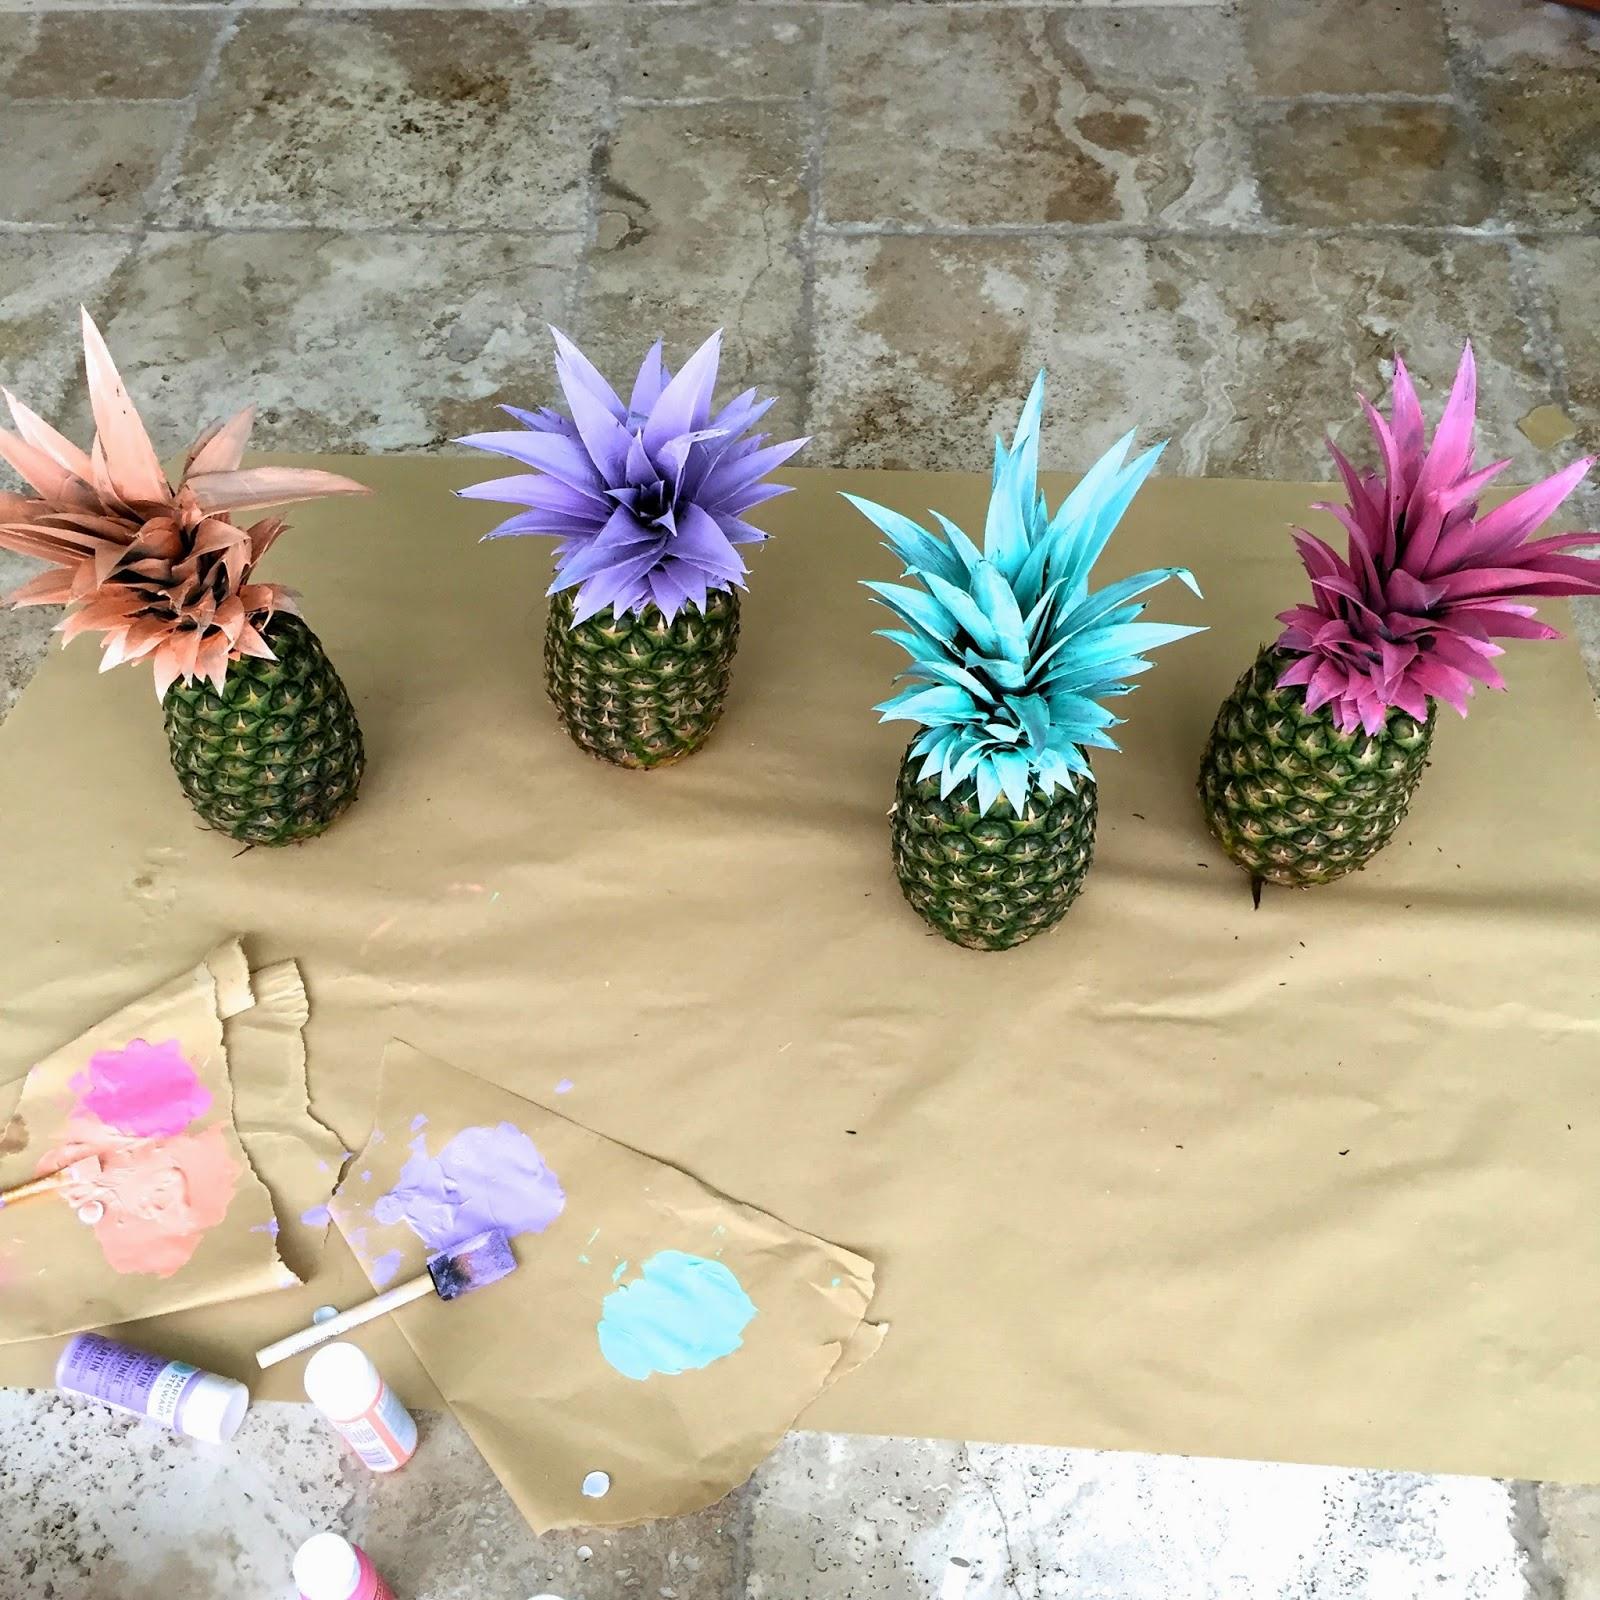 DIY Tutorial on spray painting pineapples